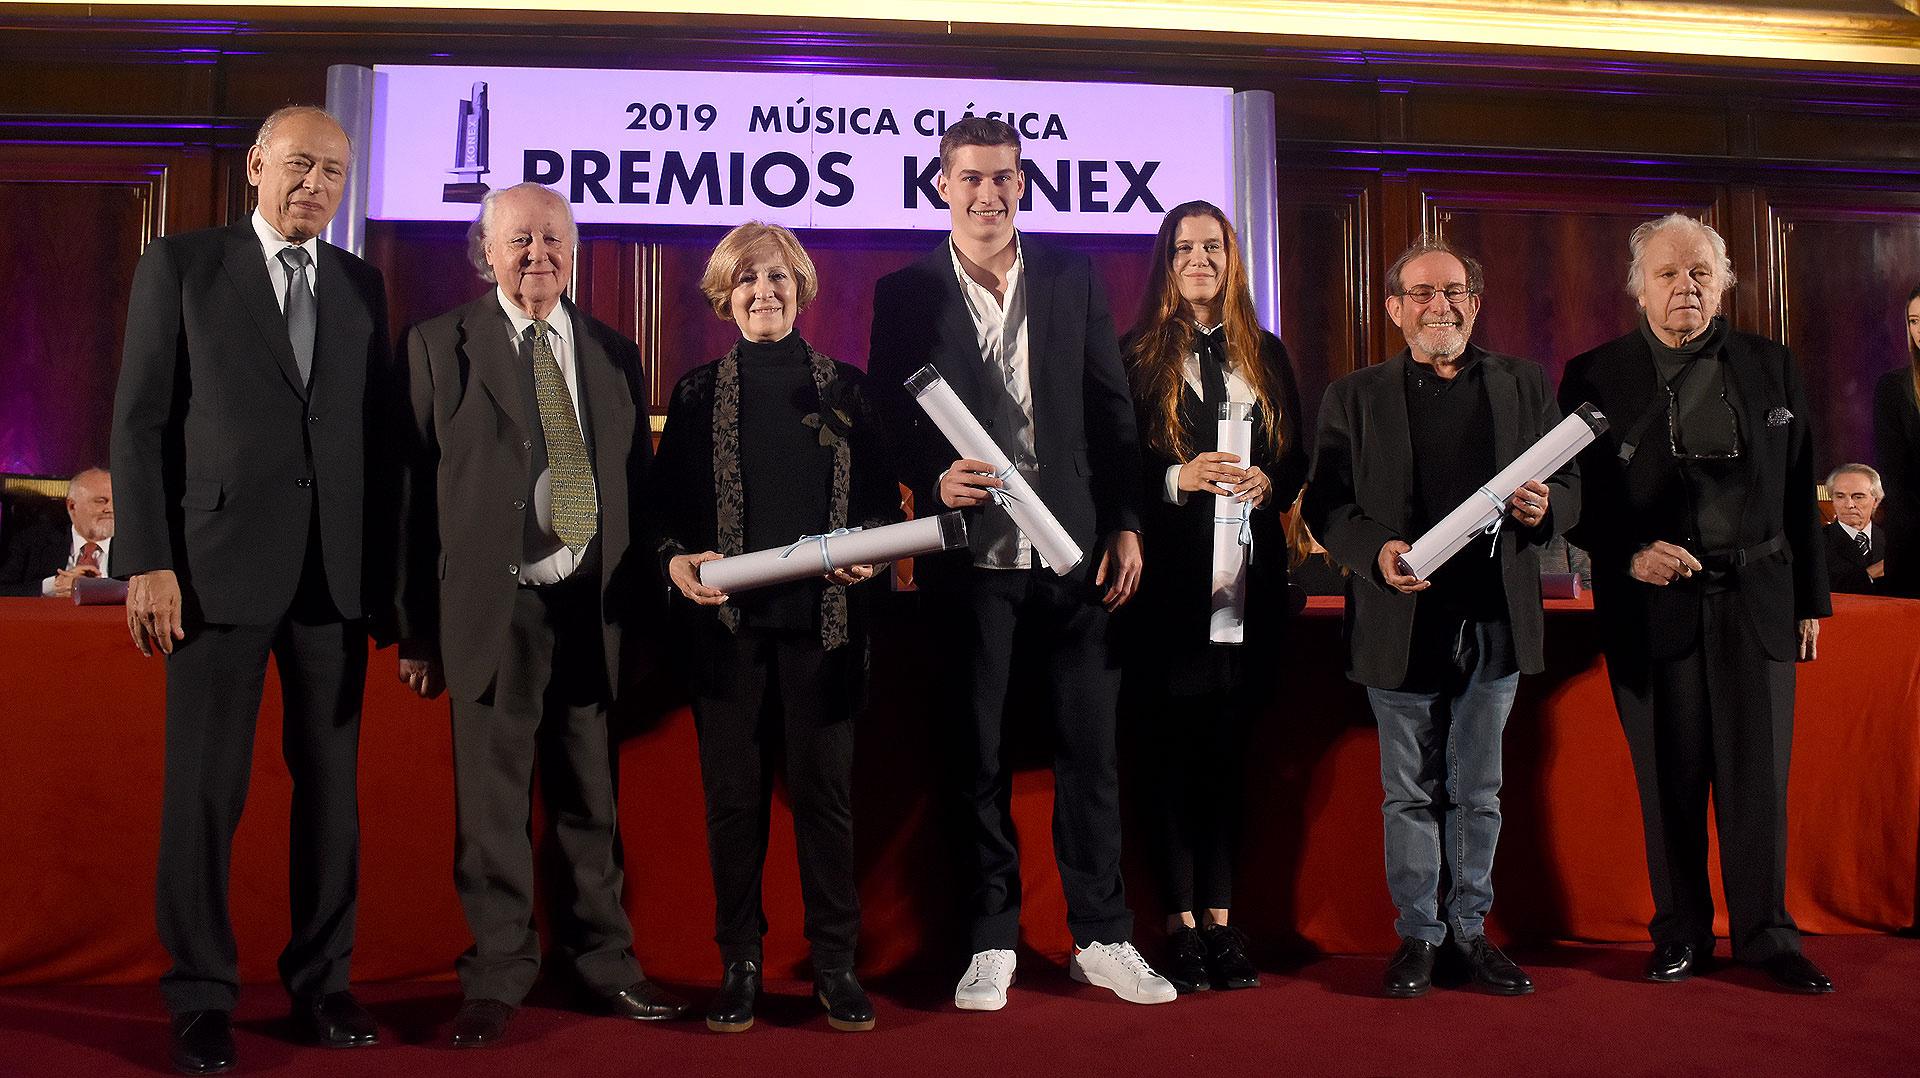 En la categoría Regisseur Anna D'Anna, Hugo de Ana, Marcelo Lombardero, Pablo Maritano y Rubén Szuchmacher